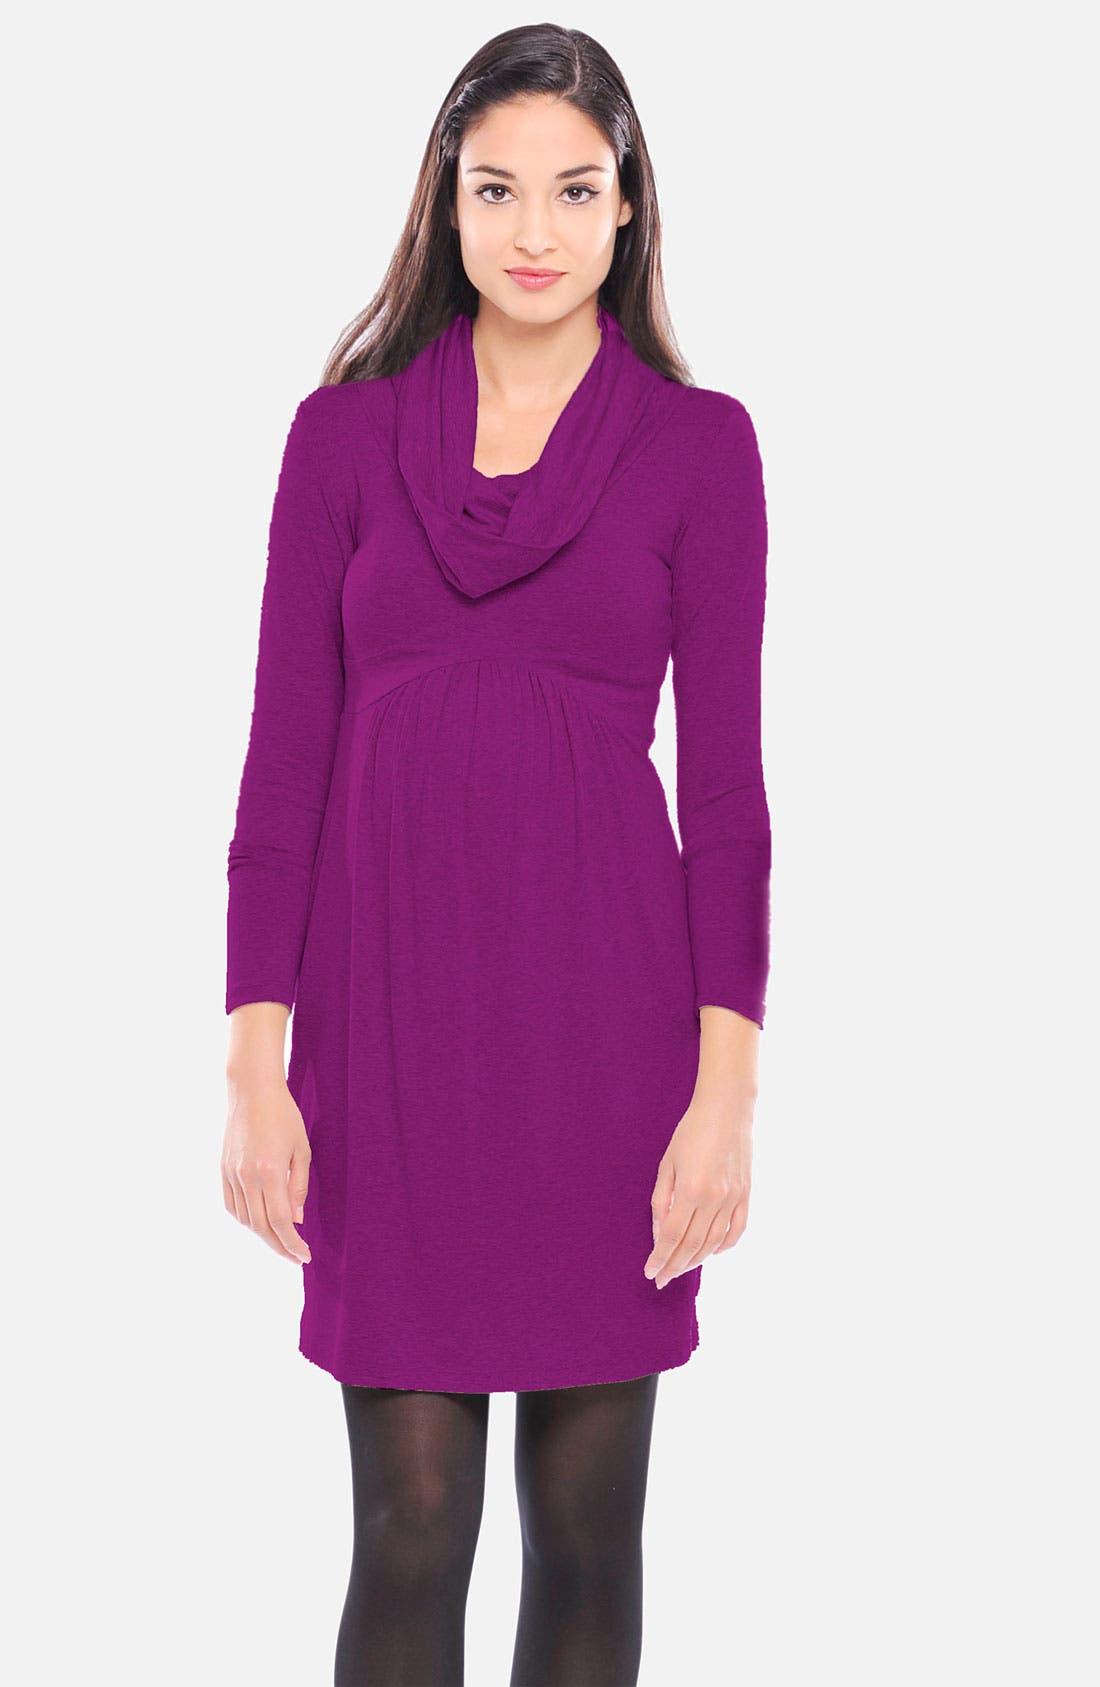 Alternate Image 1 Selected - Olian V-Neck Maternity Dress